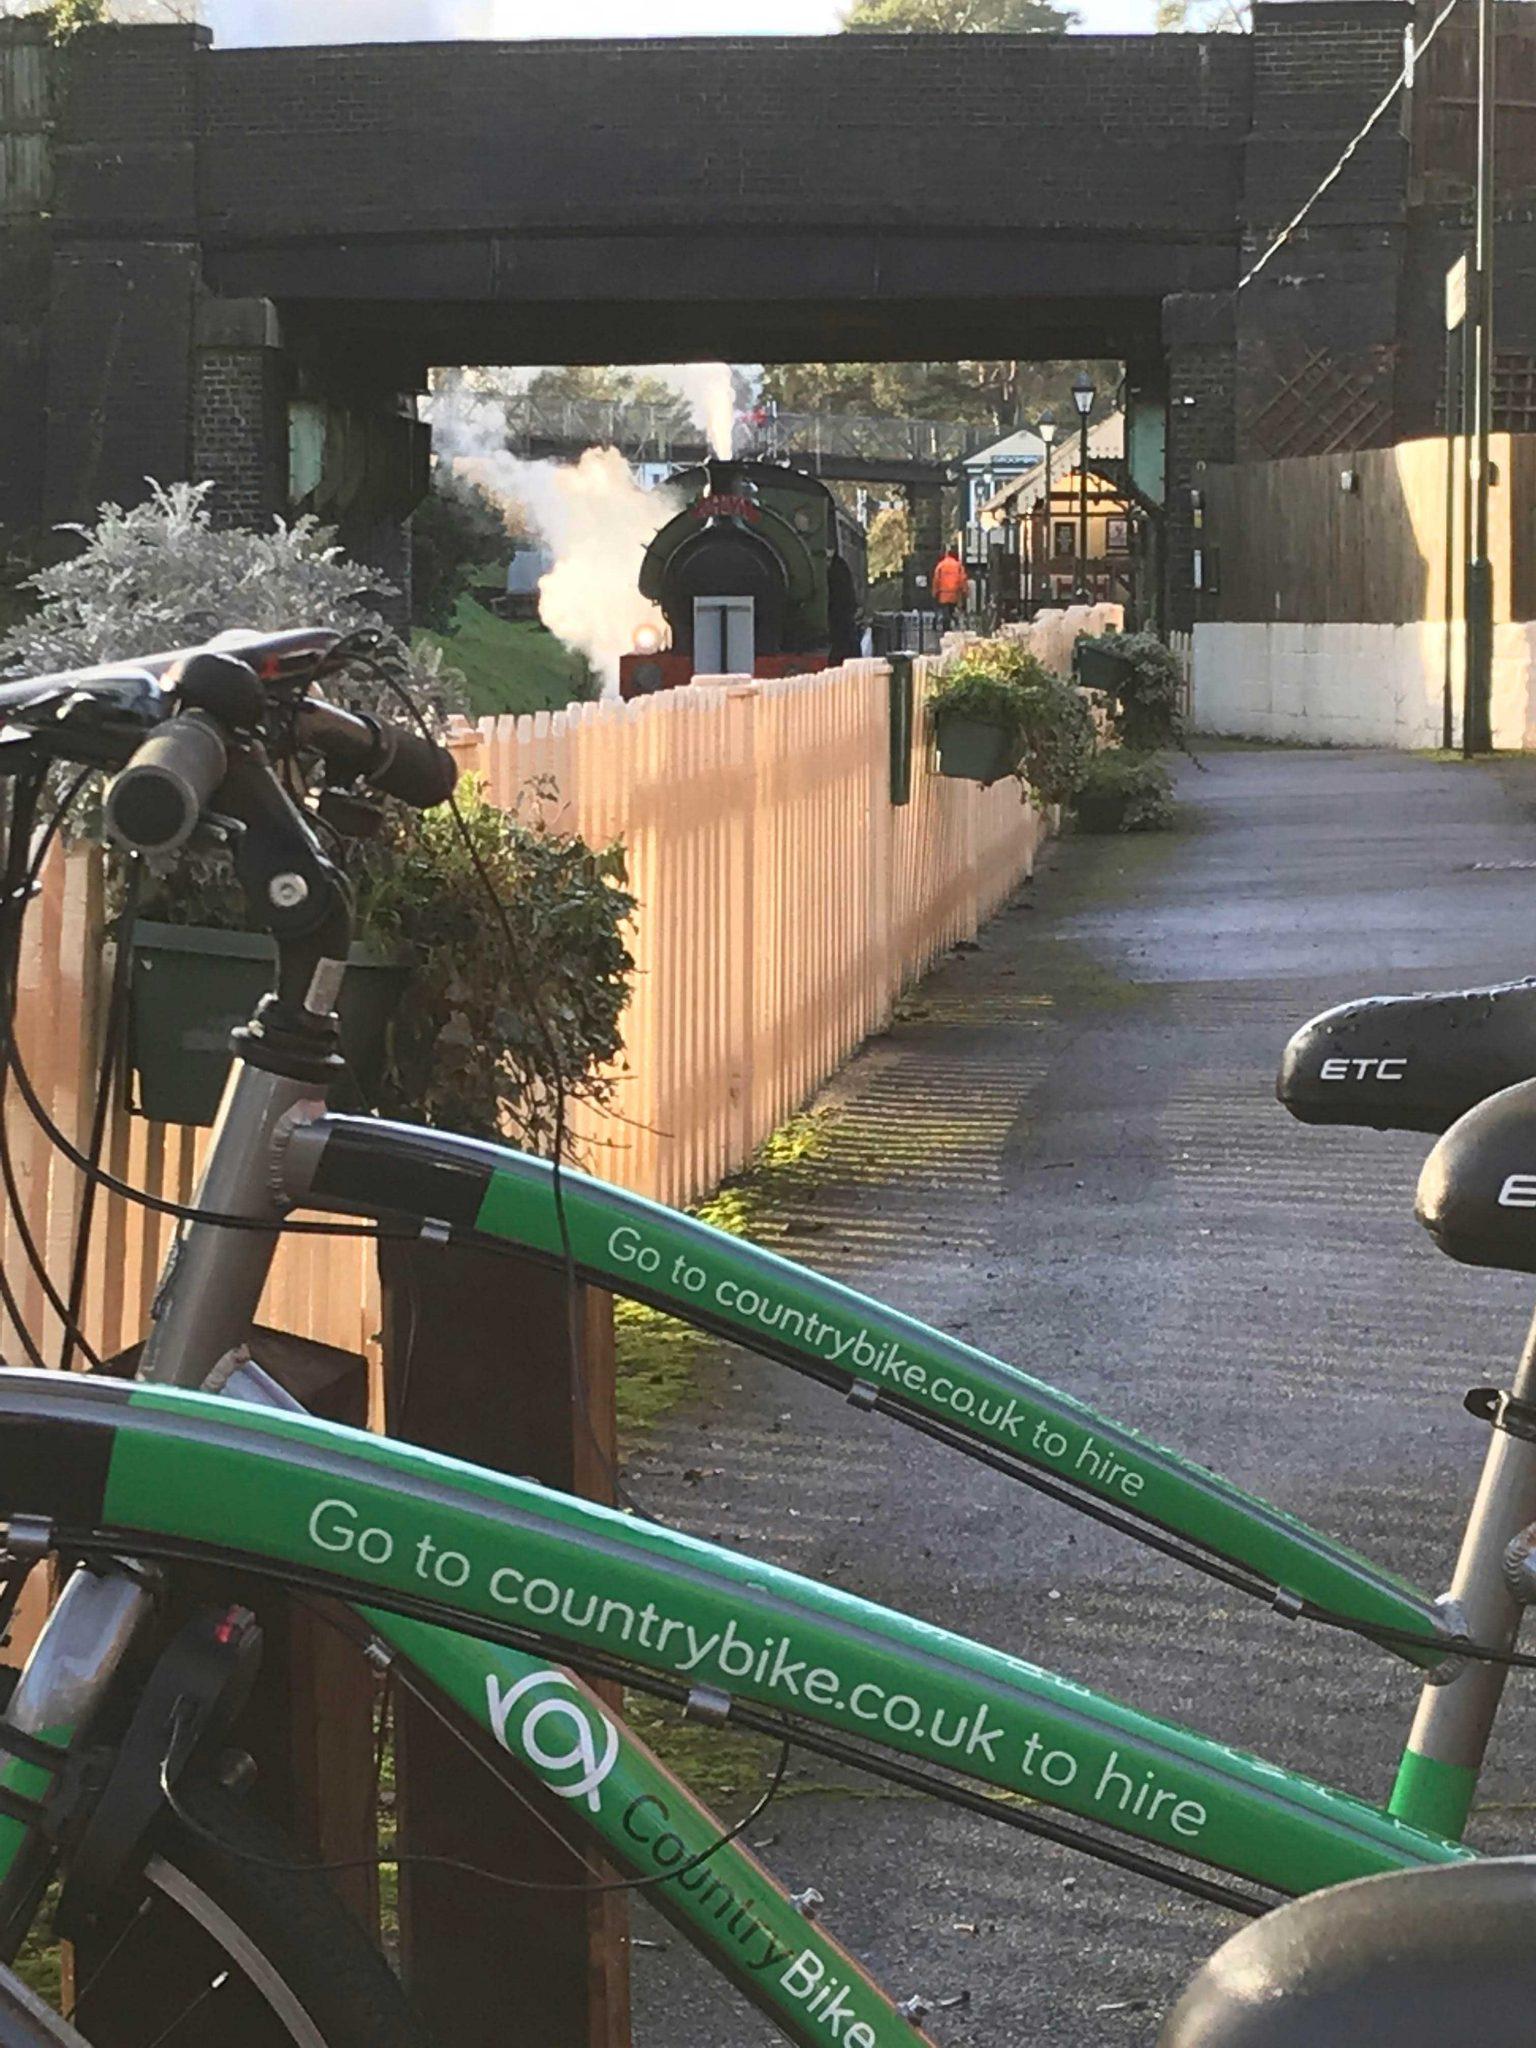 Image of bikes at Groombridge